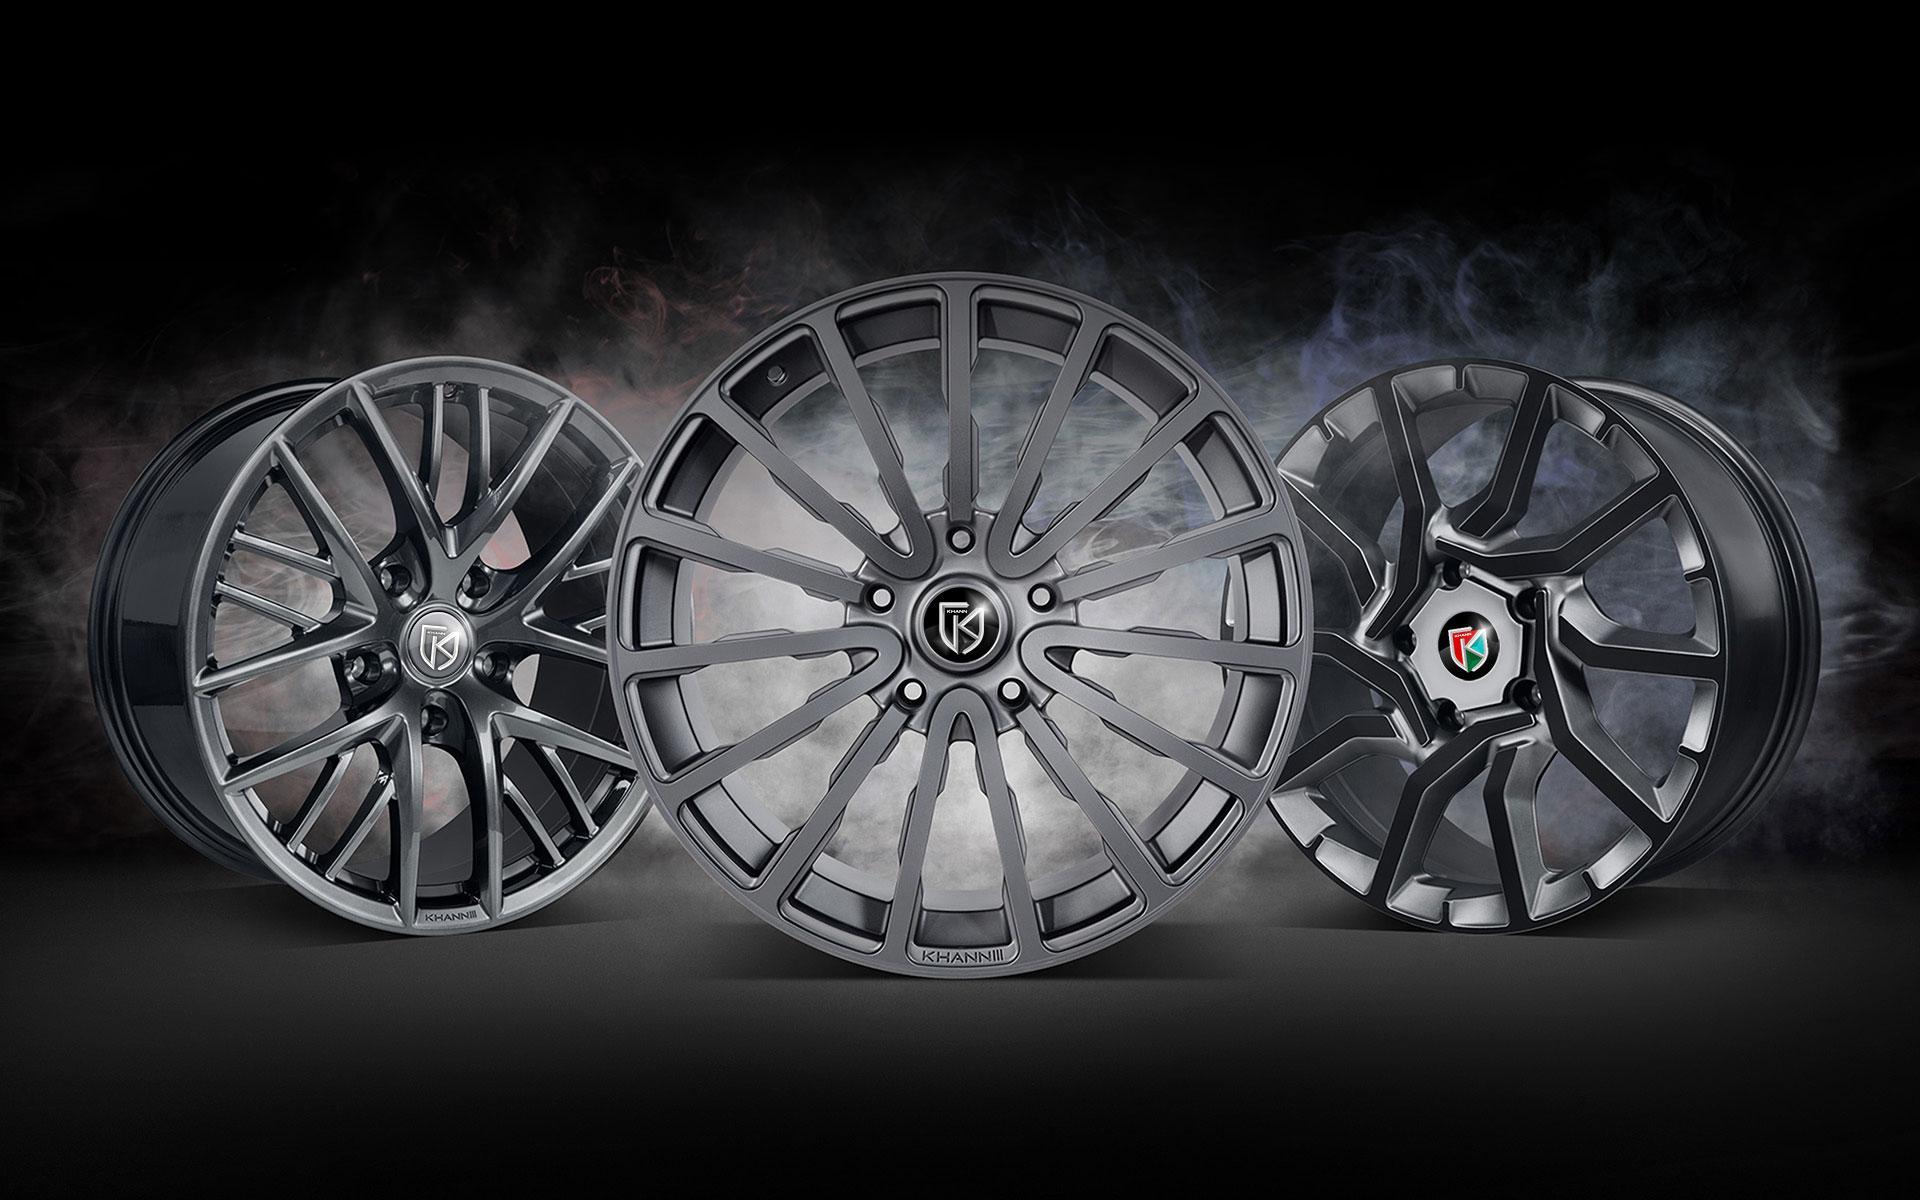 Эскиз эмблемы для колесных дисков компании KHANN